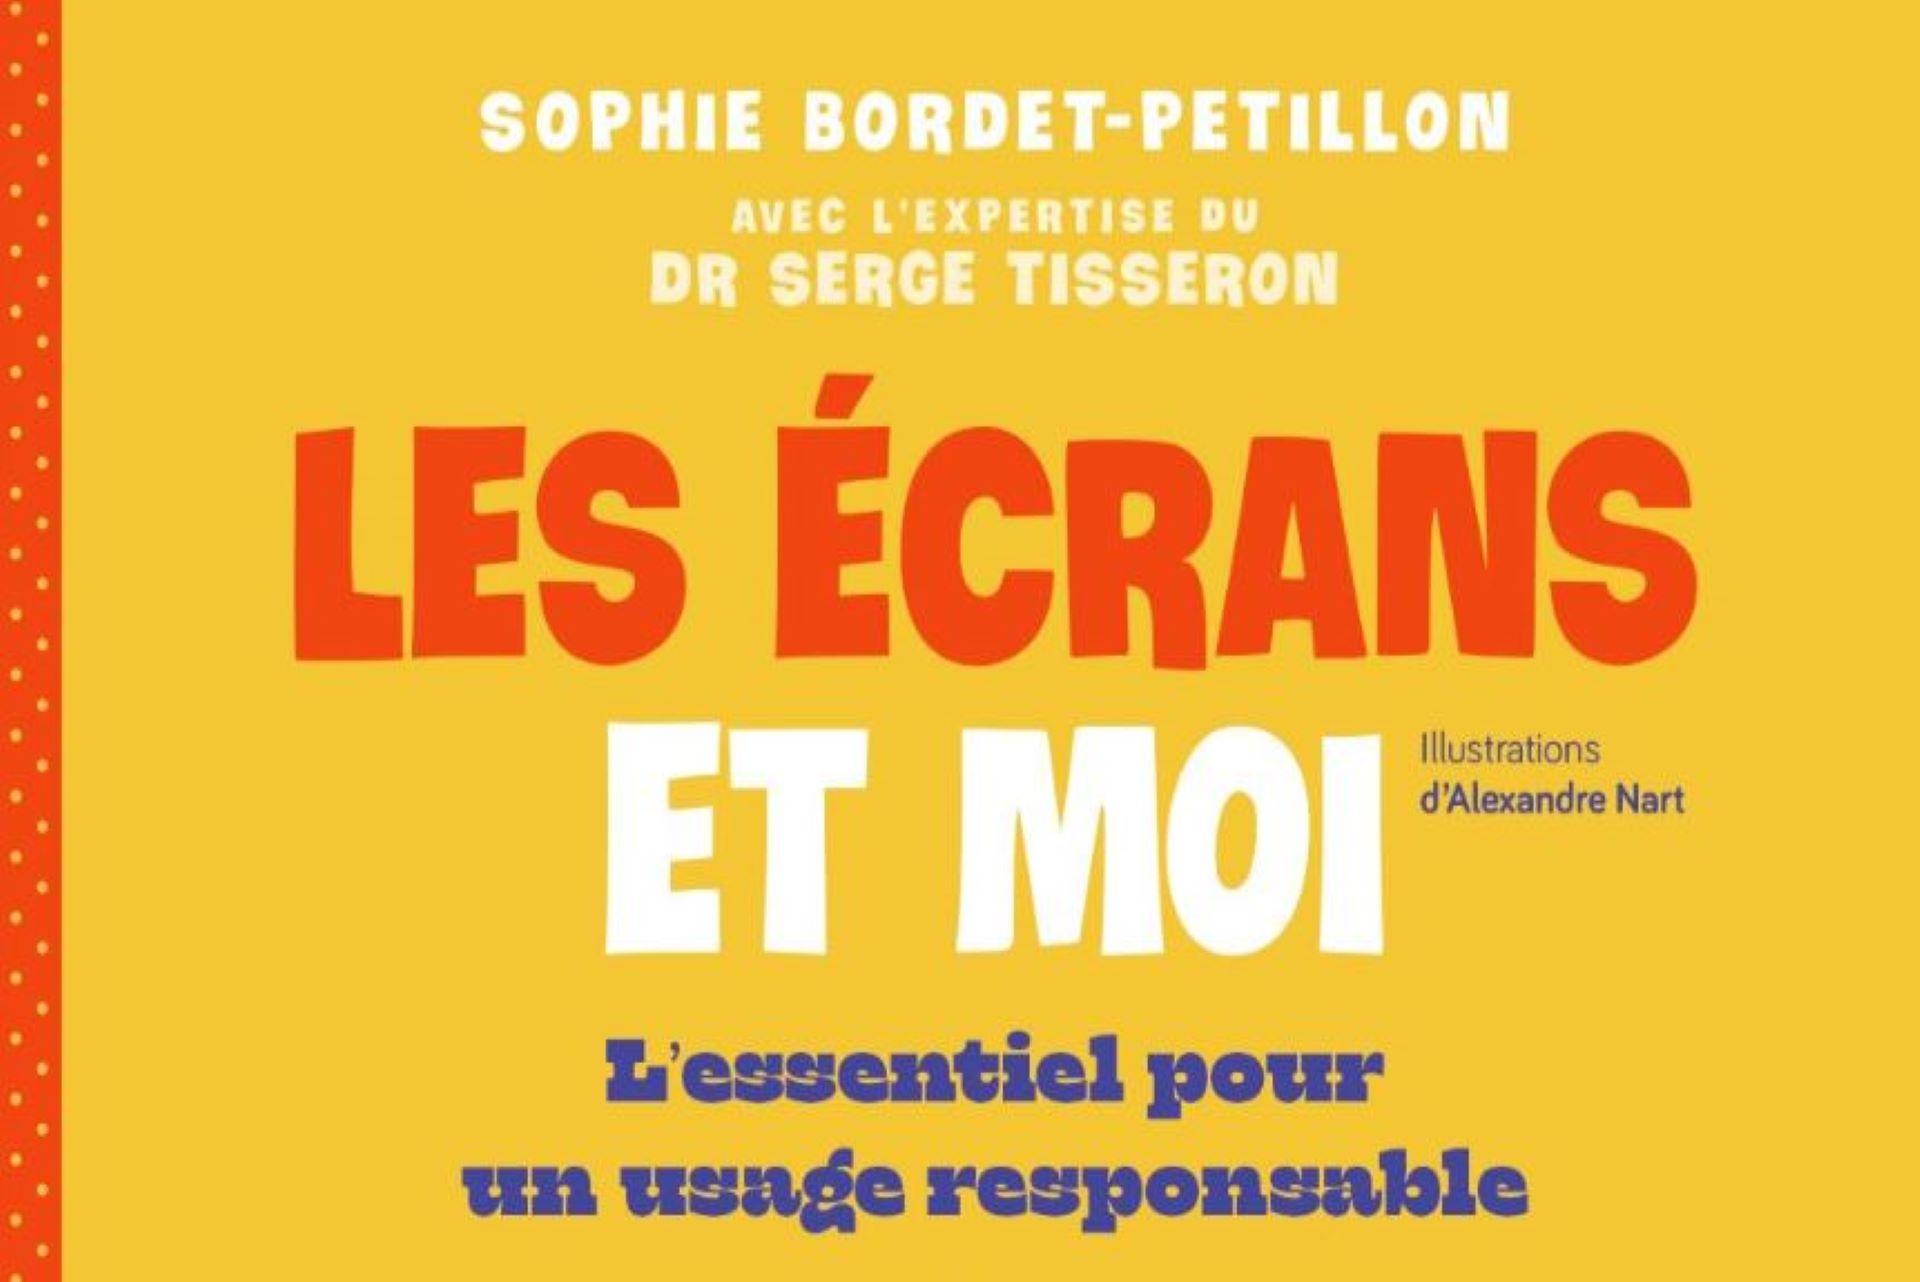 Les Écrans et moi par Sophie Bordet-Petillon : numérique et usage responsable